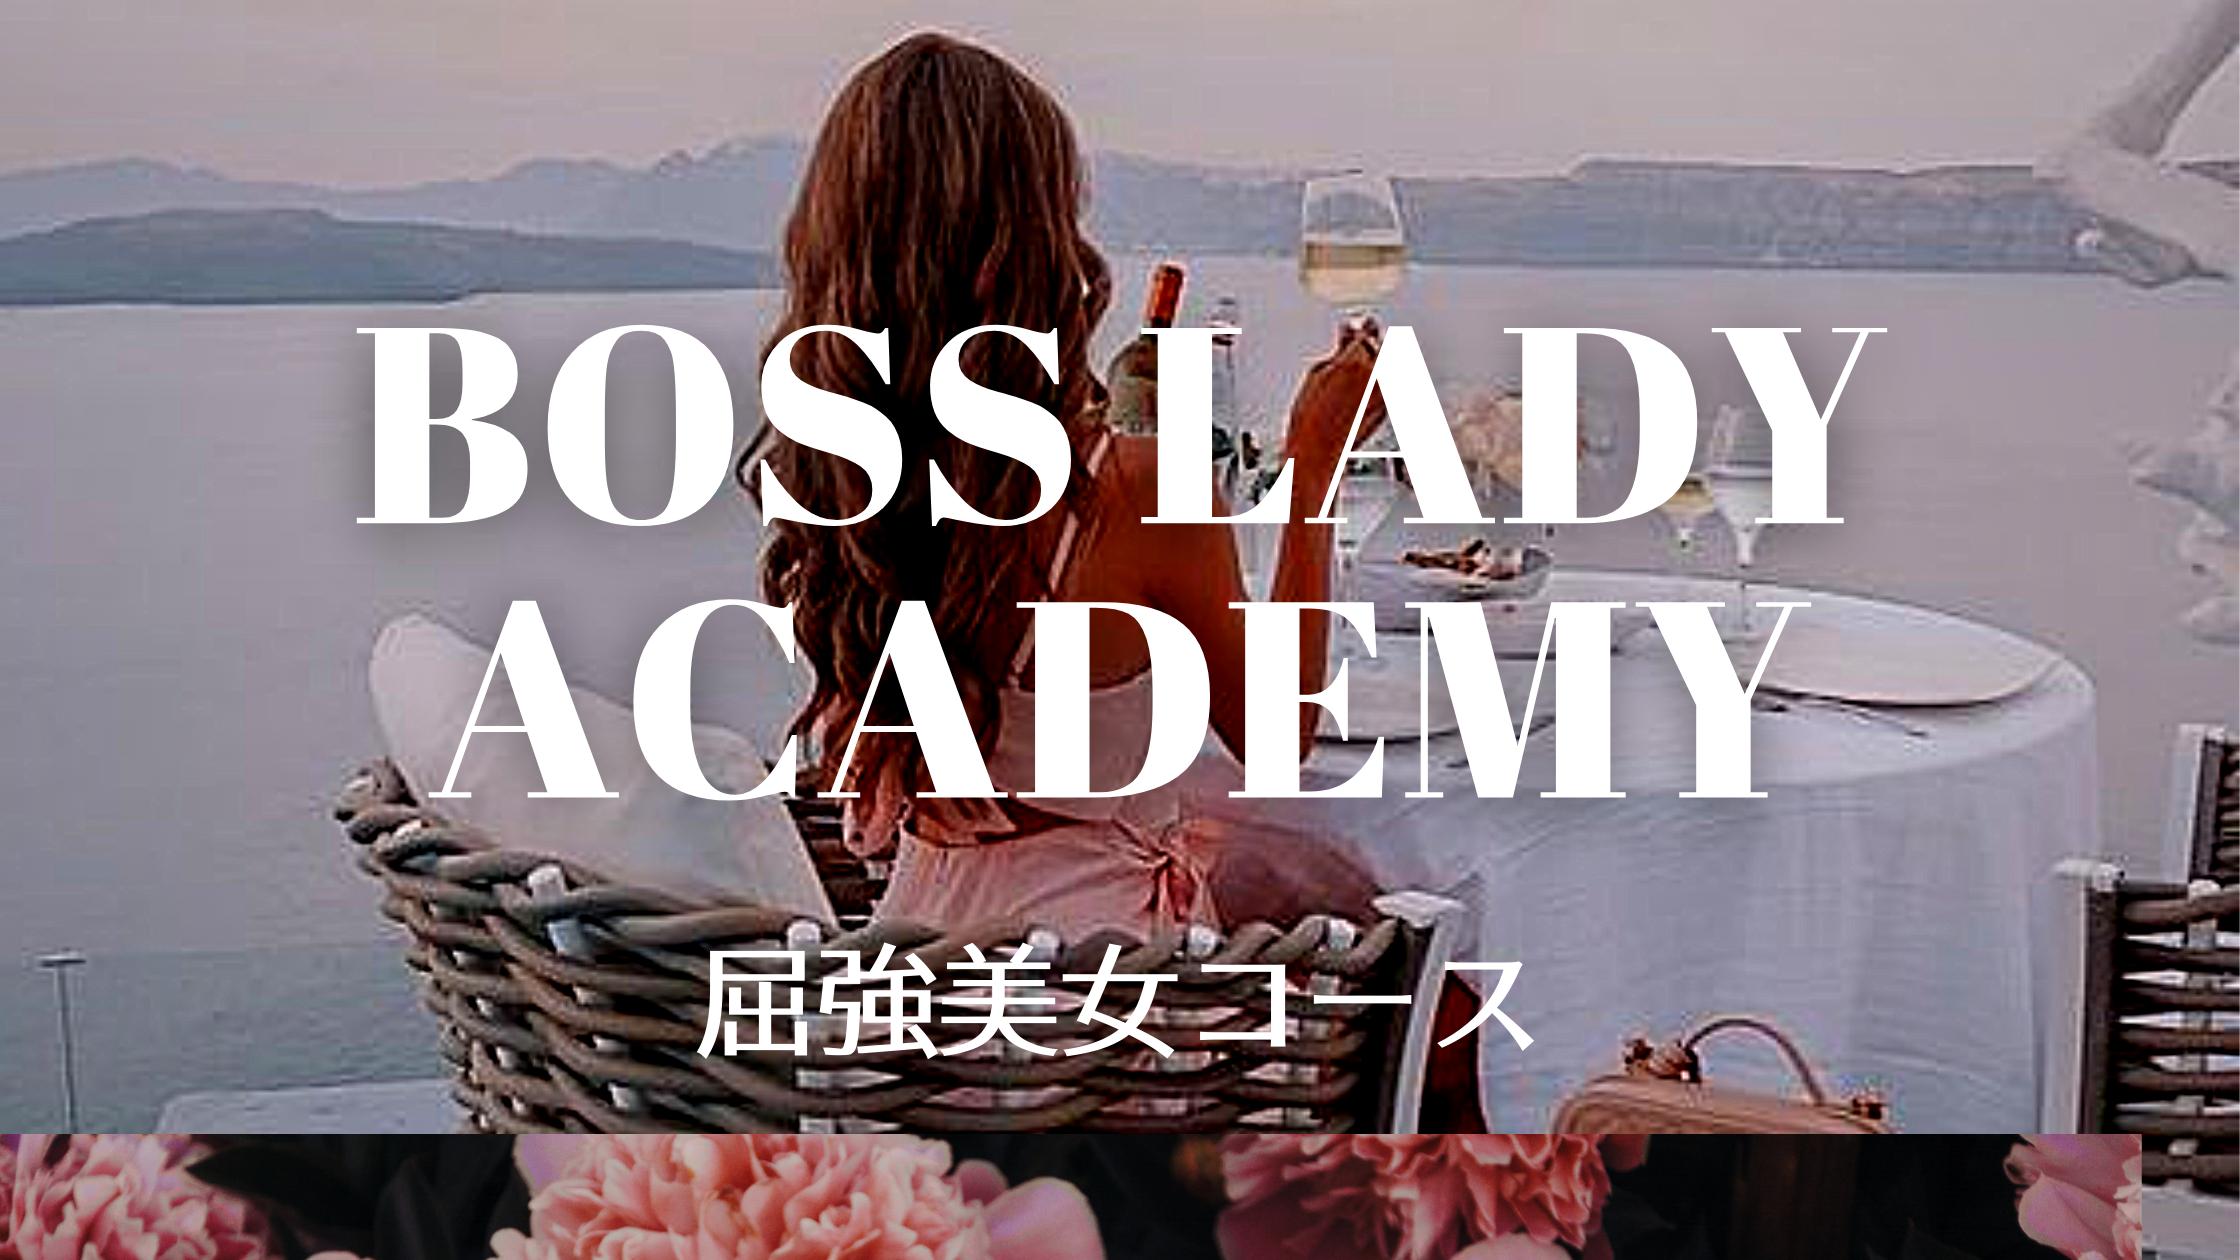 BOSS LADY ACADEMY 屈強美女コース